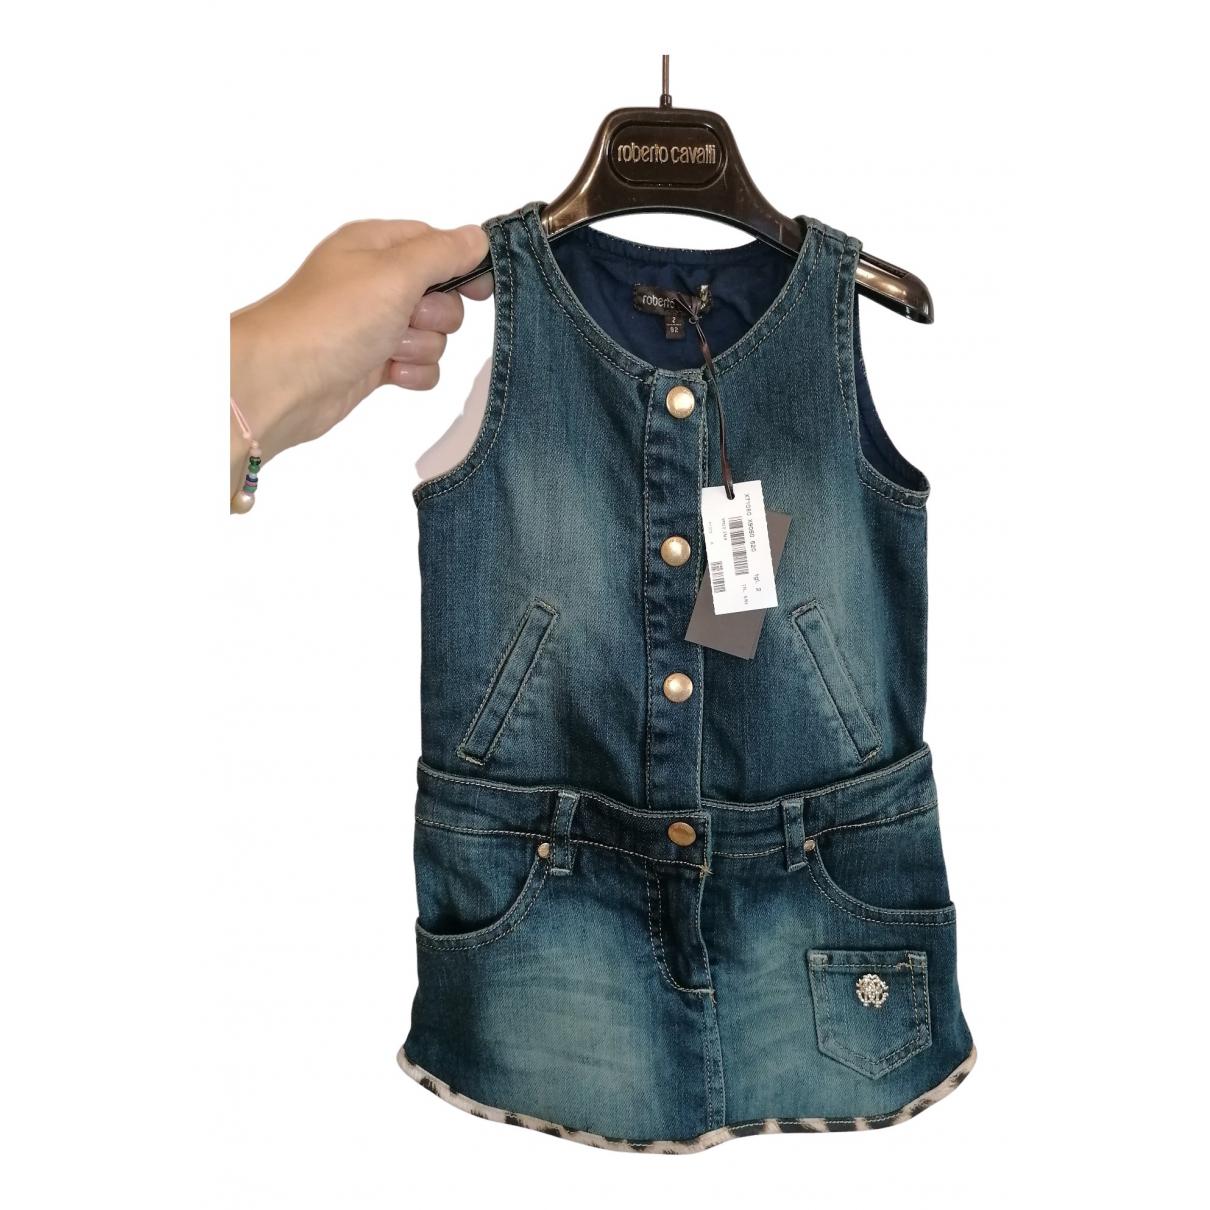 Roberto Cavalli \N Kleid in  Blau Denim - Jeans